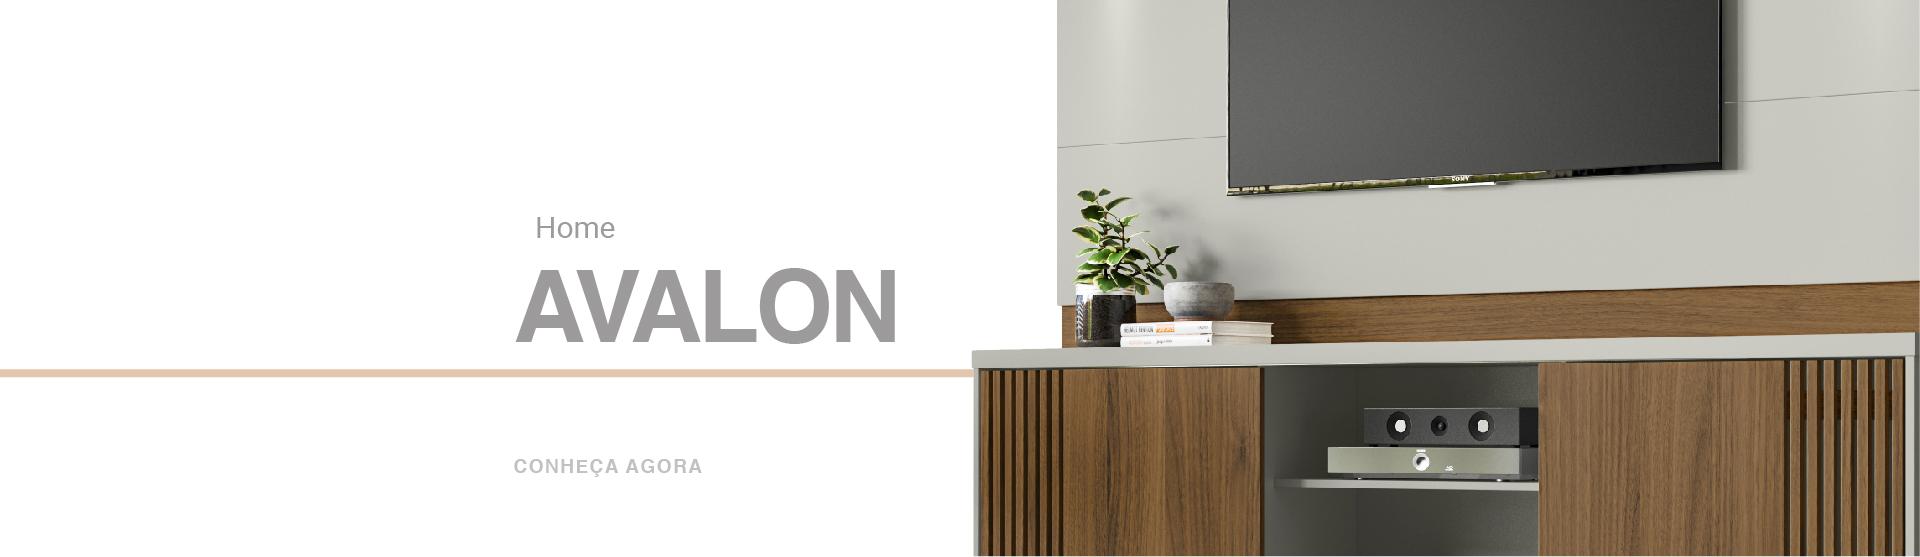 Lançamento Home Avalon